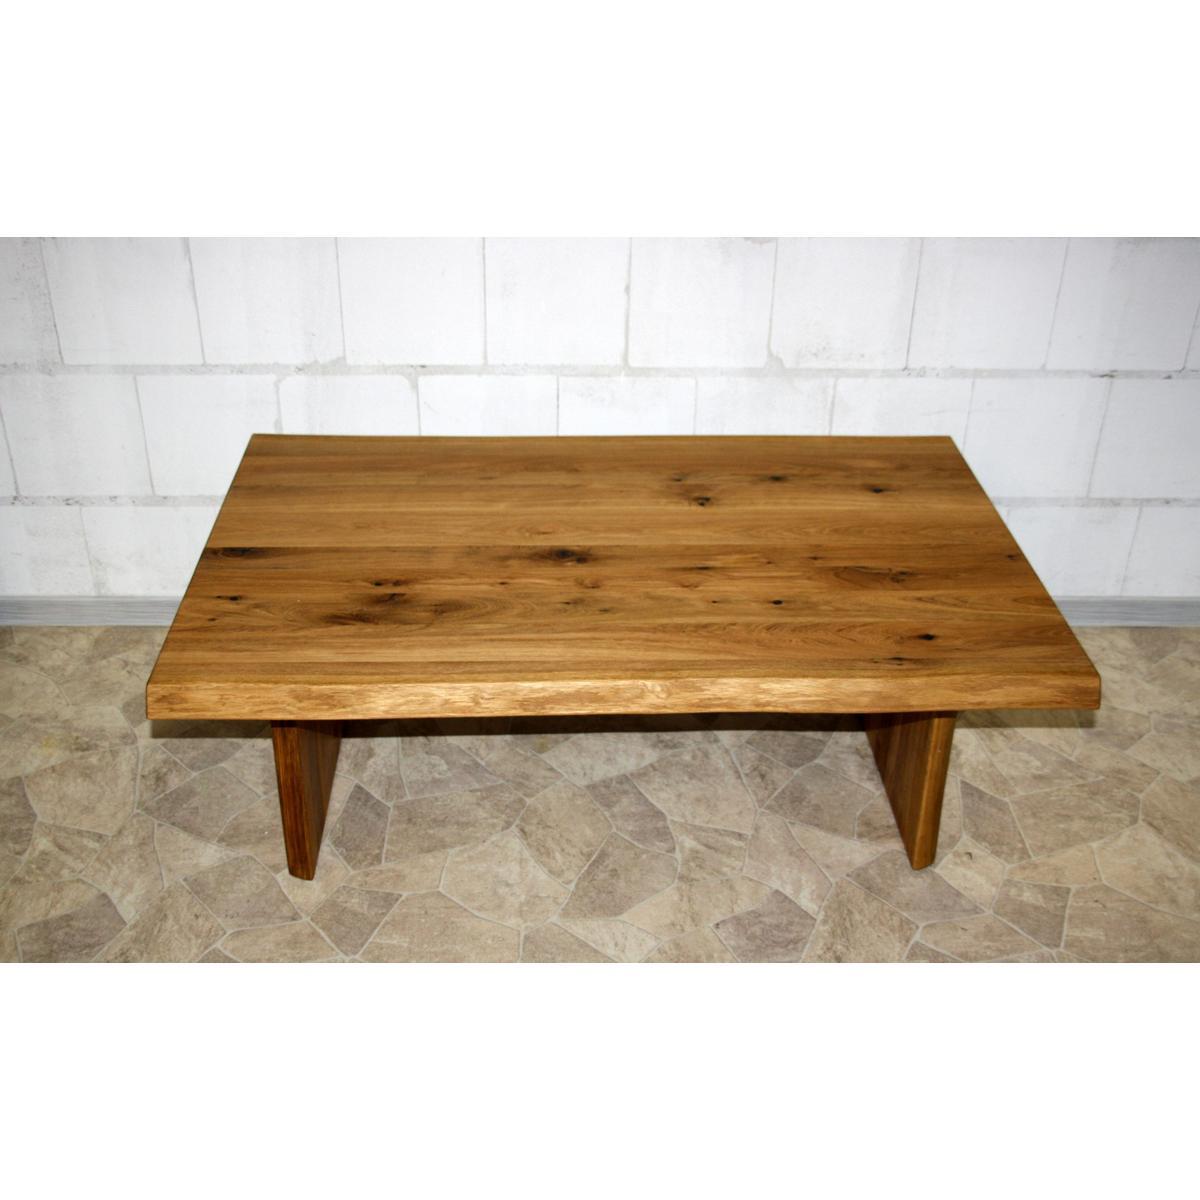 Couchtisch Holz Eiche Natur ~   Couchtisch Holz Wildeiche massiv natur geölt ZINGST 120x80cm Eiche